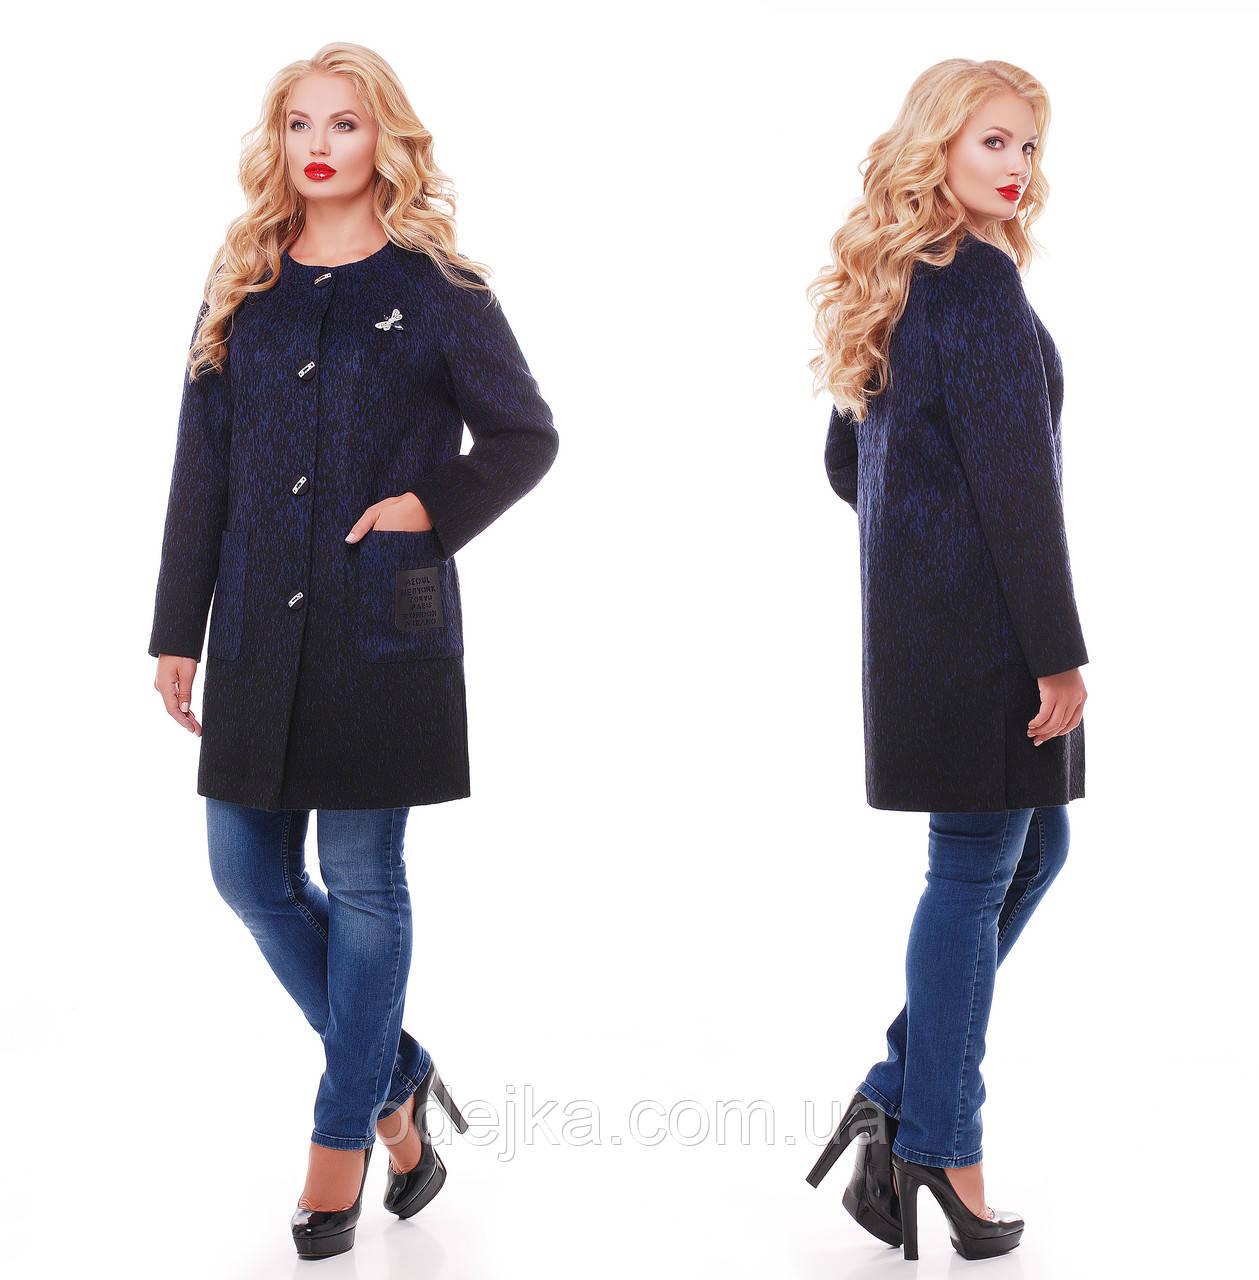 Женское пальто Сапфир 54 р